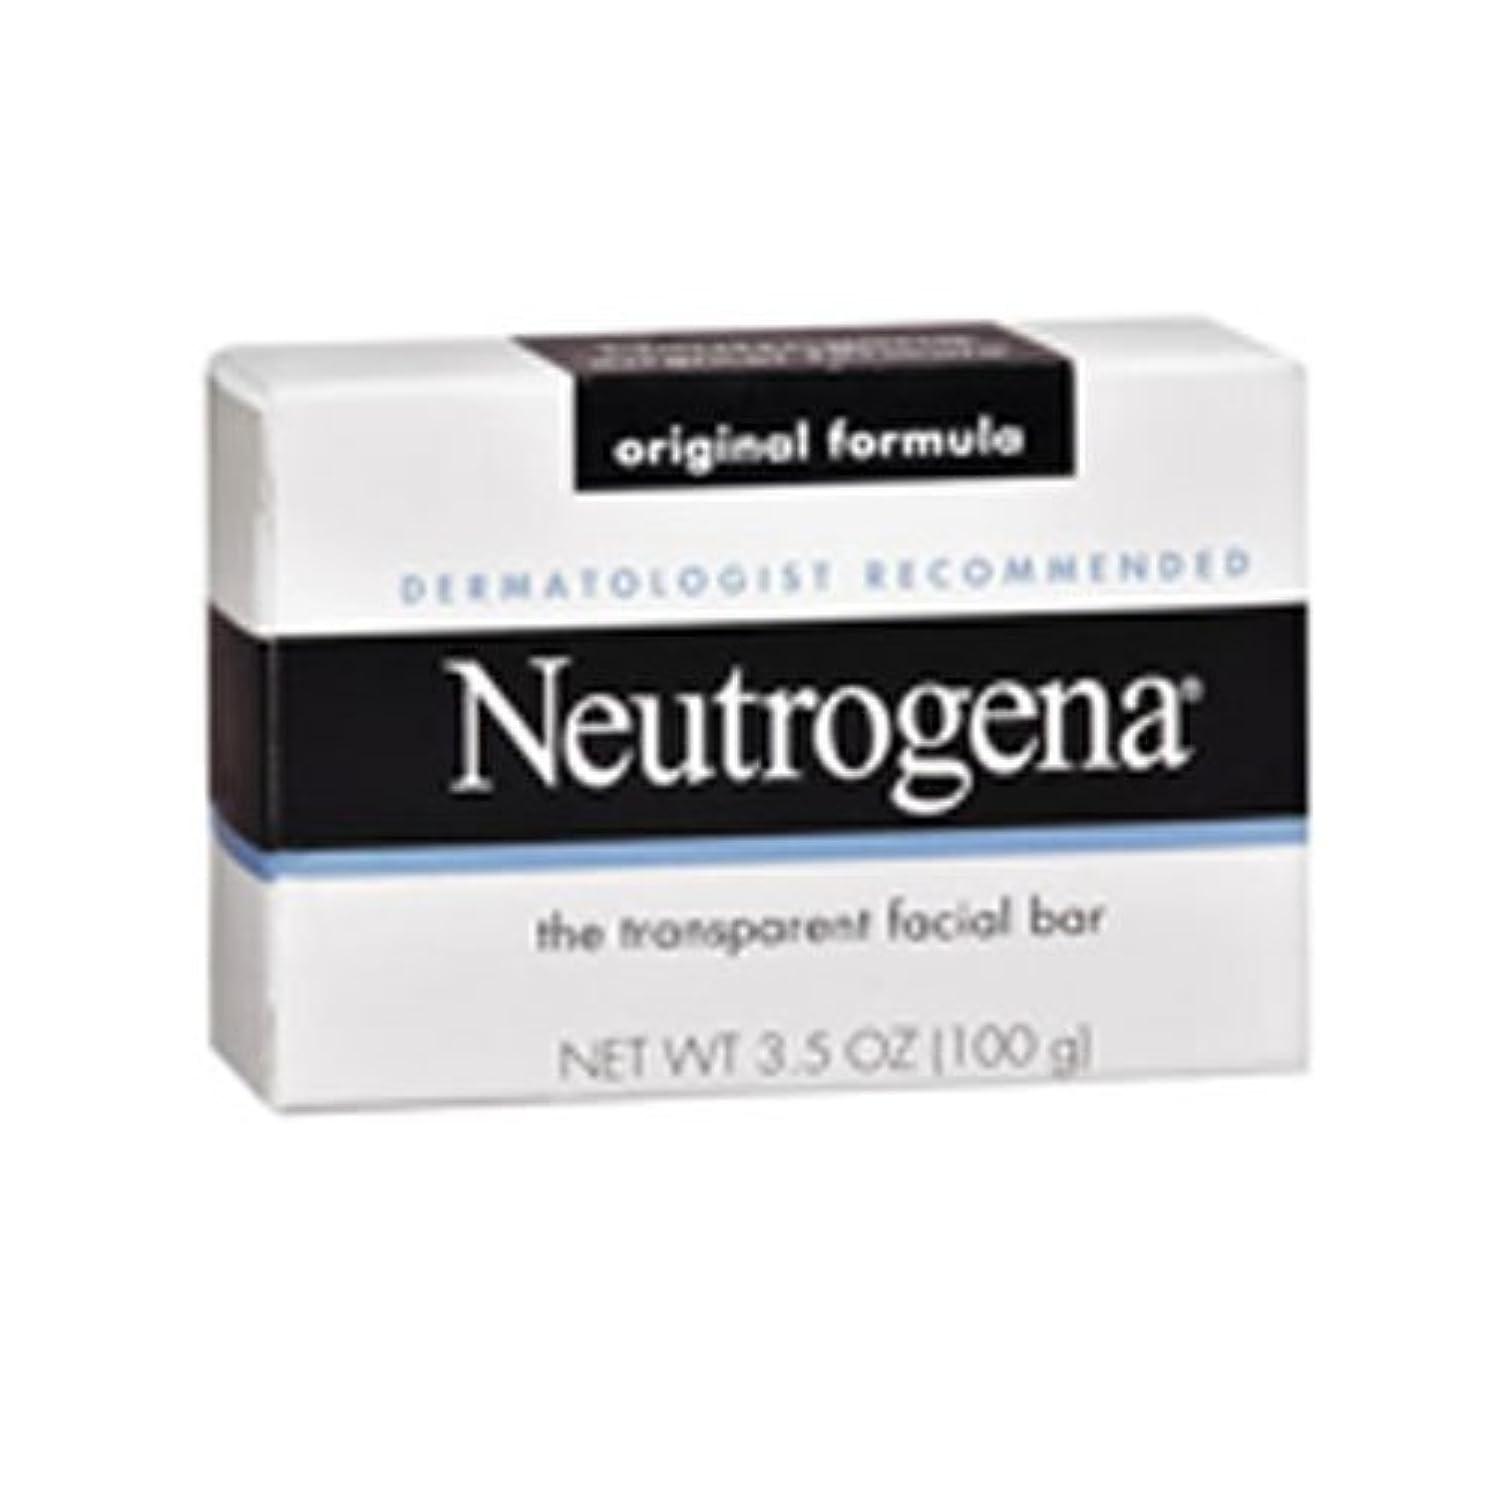 失速後ろにどうしたの海外直送肘 Neutrogena Transparent Facial Soap Bar, 3.5 oz